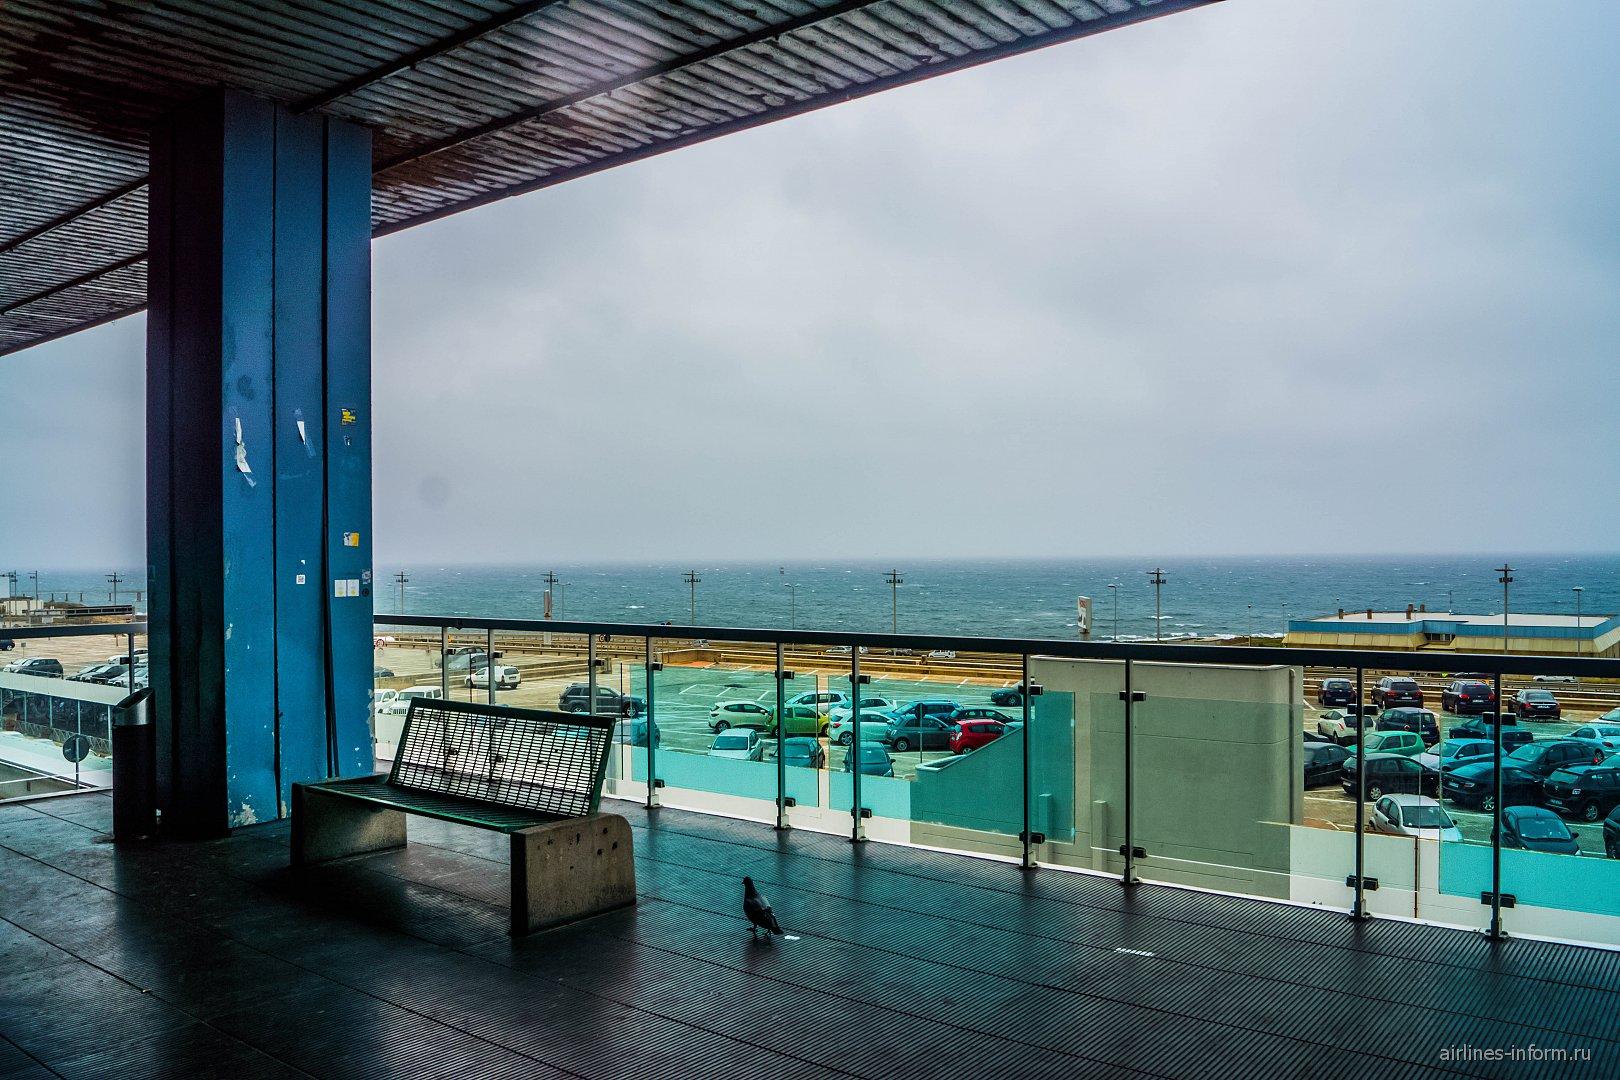 Терраса с видом на море в аэропорту Палермо